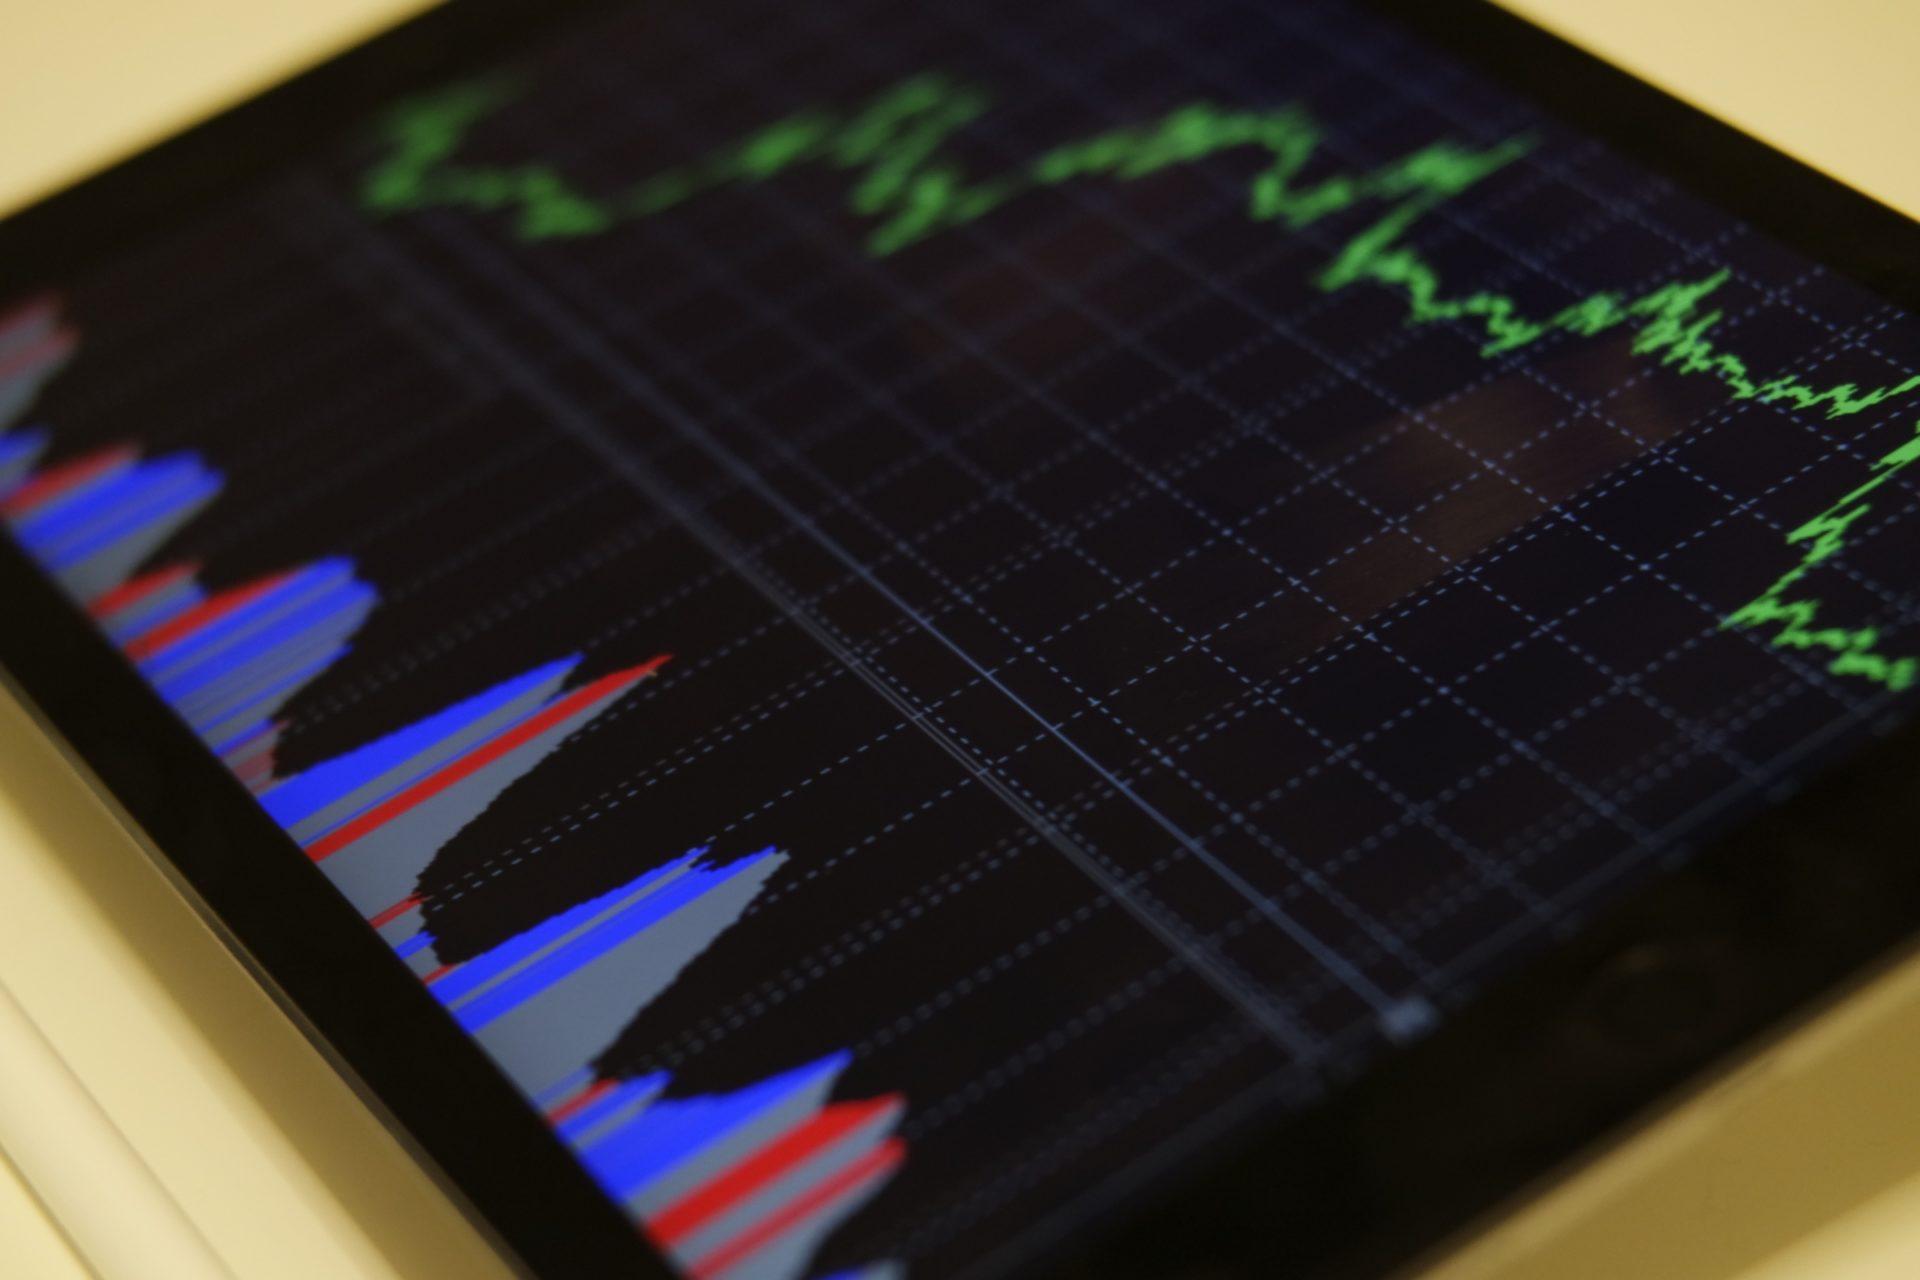 Analizy Biznesowe Analizy Wskaźnikowe Panele Interaktywne Wskaźnikowe Zarządcze